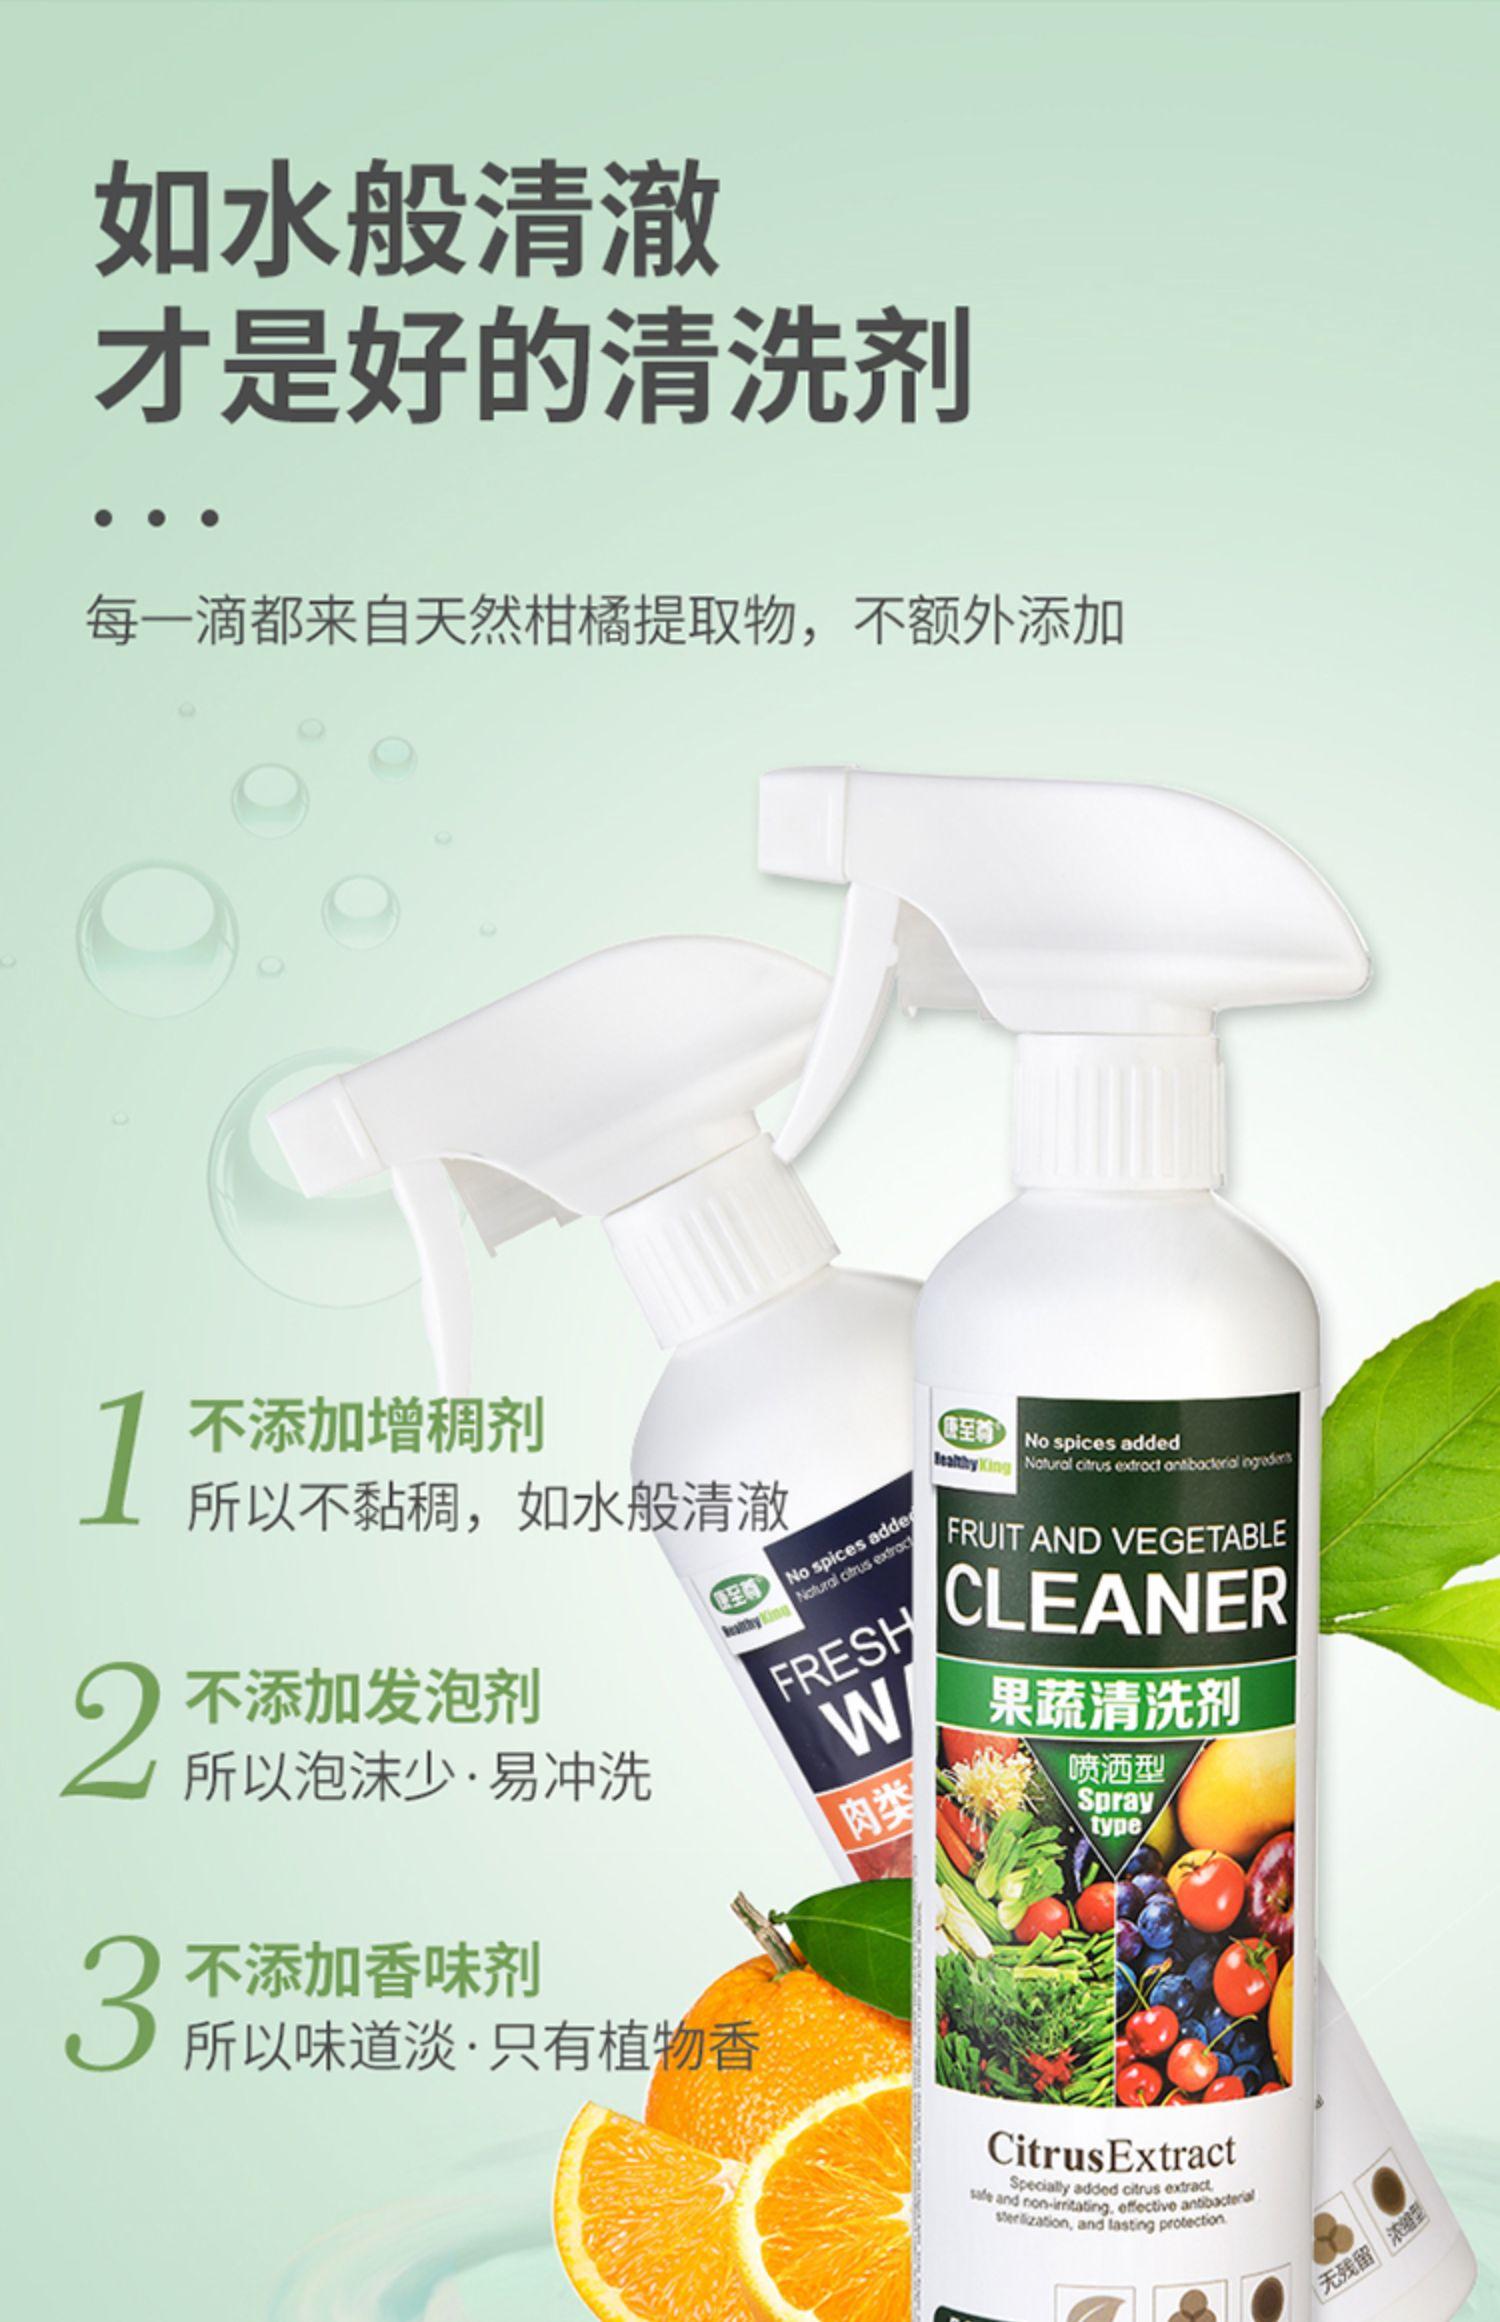 康至尊水果蔬菜果蔬专用家用清洗剂